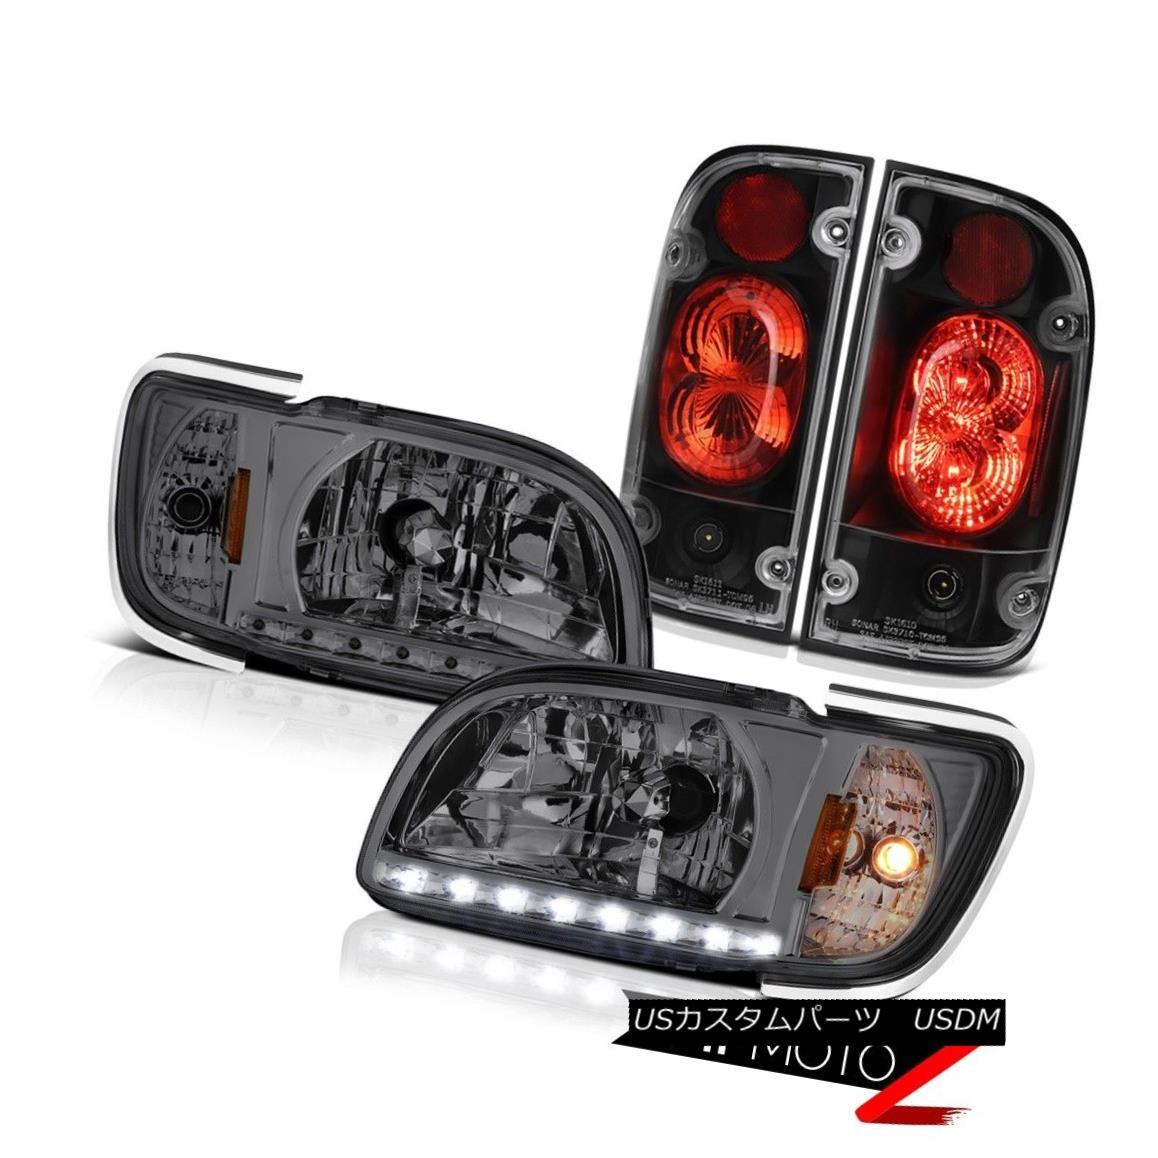 テールライト 01 02 03 04 Toyota Tacoma PreRunner Black taillights headlamps bumper Assembly 01 02 03 04トヨタタコマPreRunnerブラックテールライトヘッドランプバンパーアセンブリ